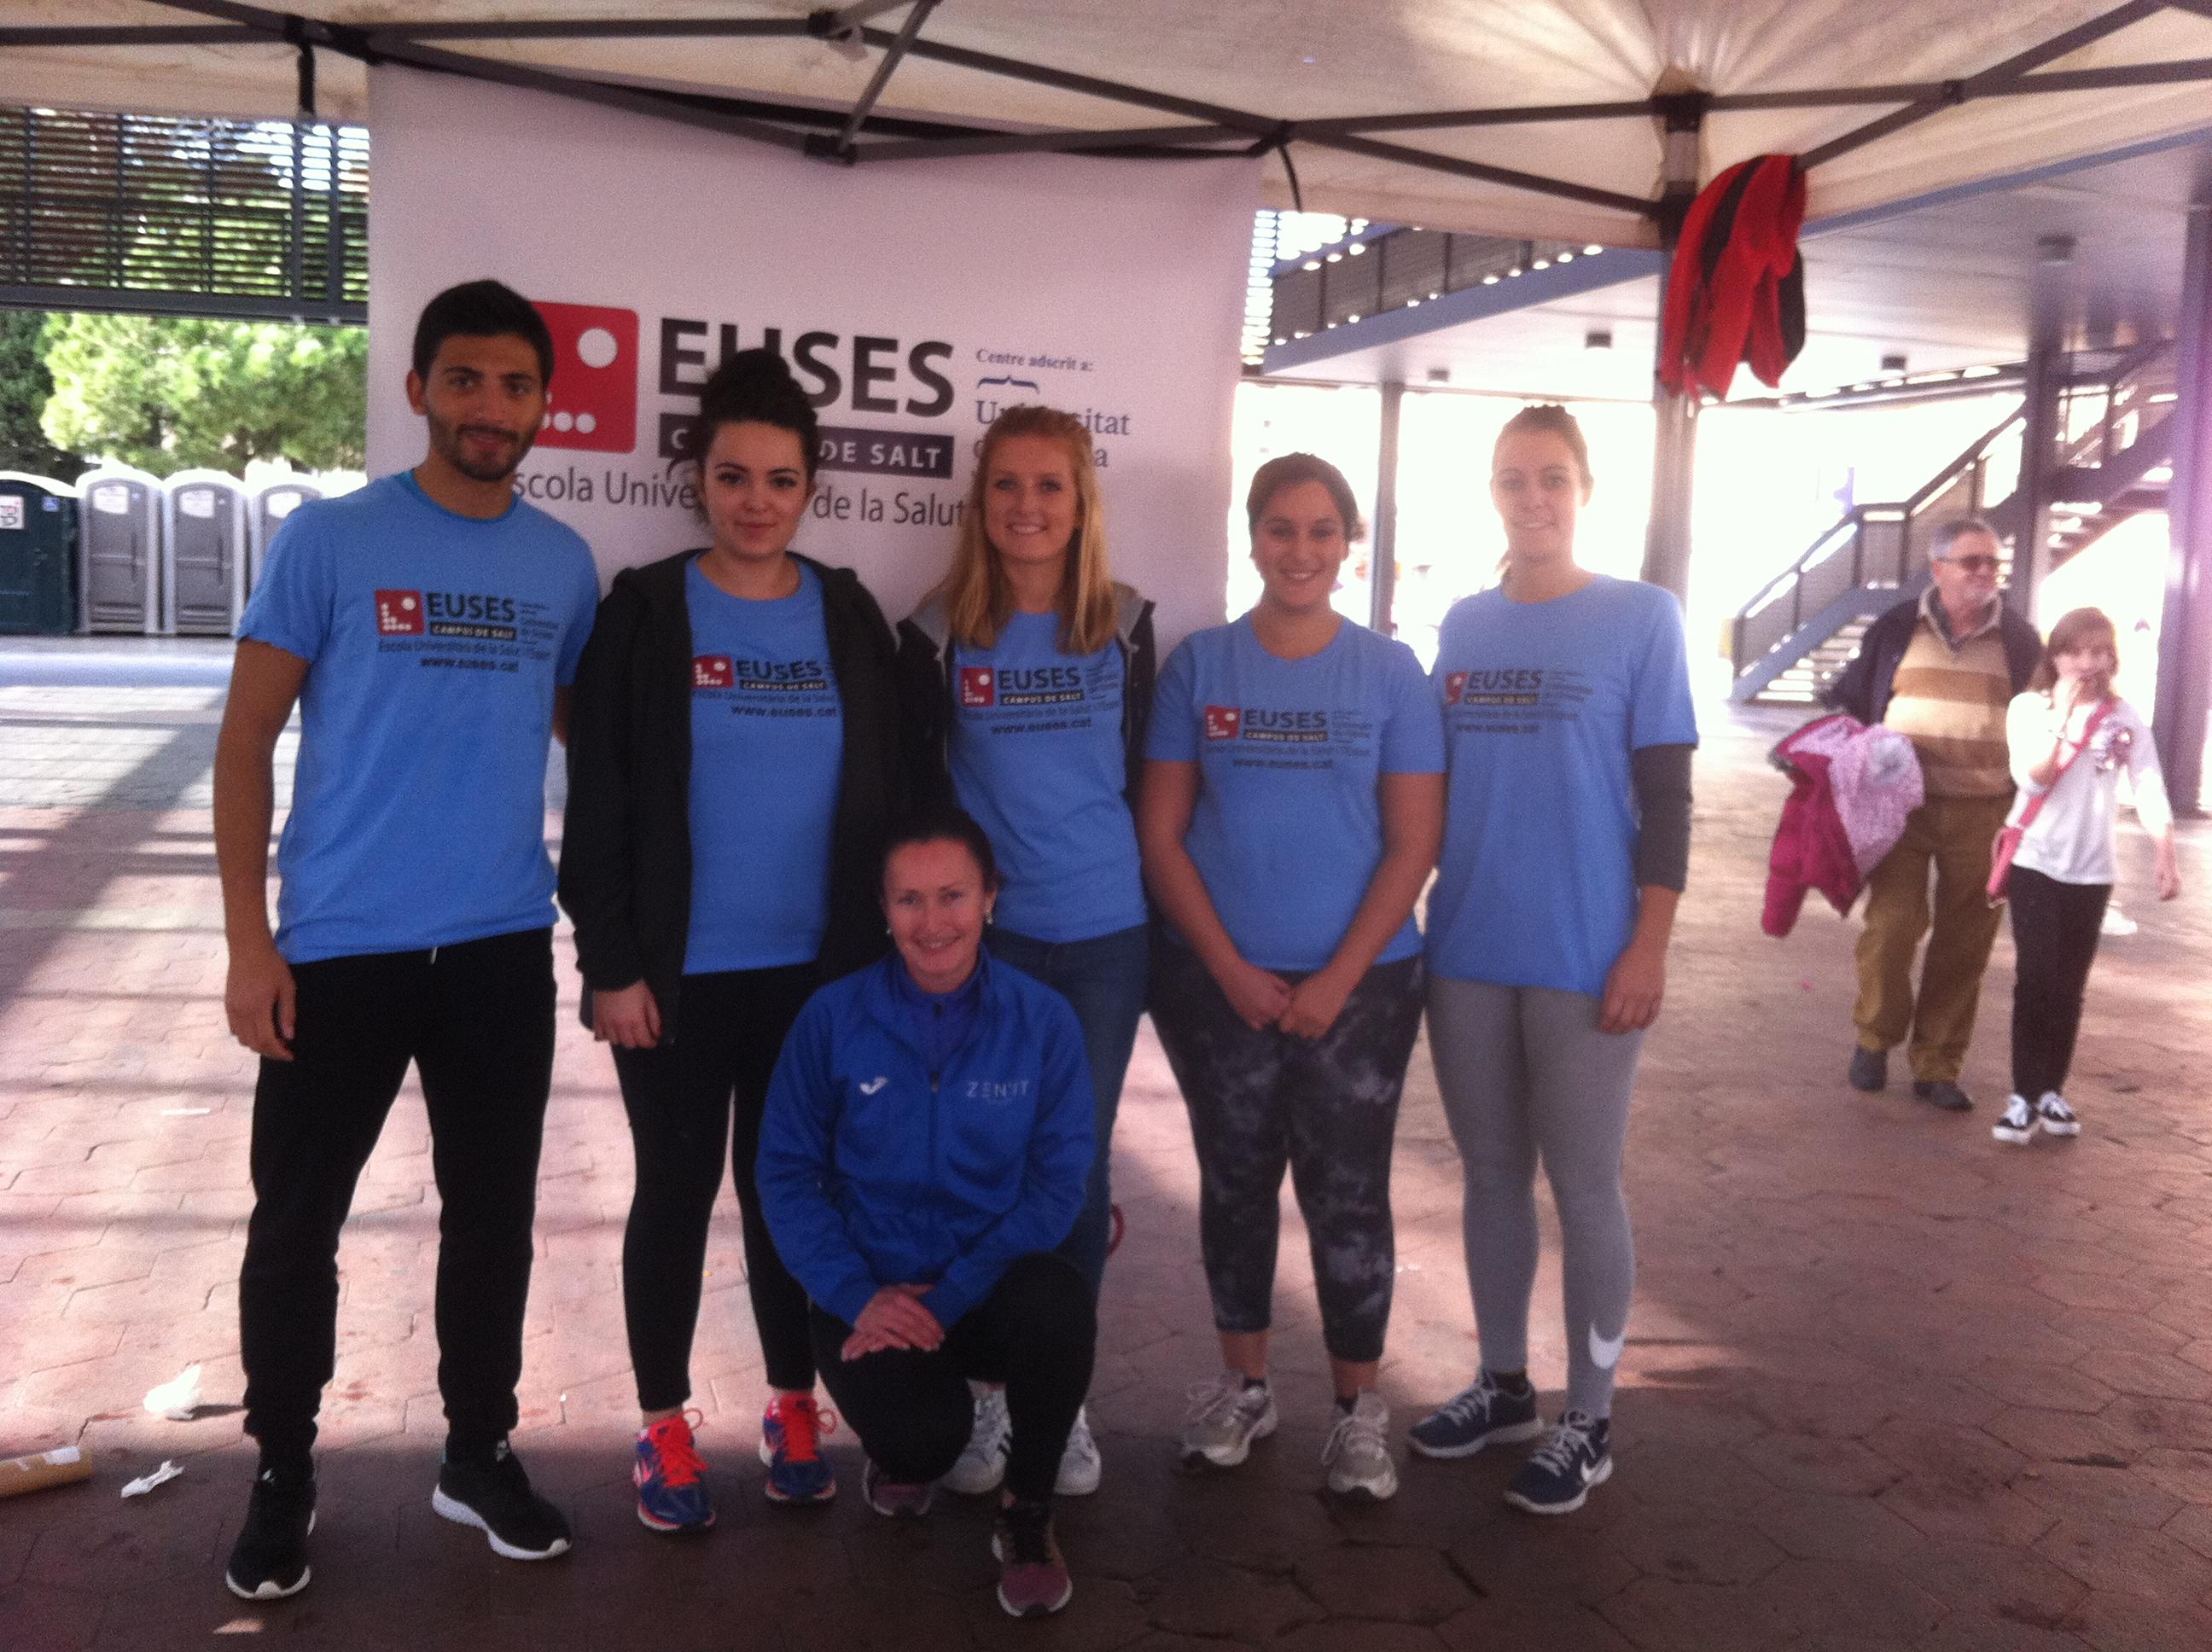 L'Escola Universitària de la Salut i l'Esport col·labora en la 1a edició de la Cursa de la Dona celebrada a Figueres